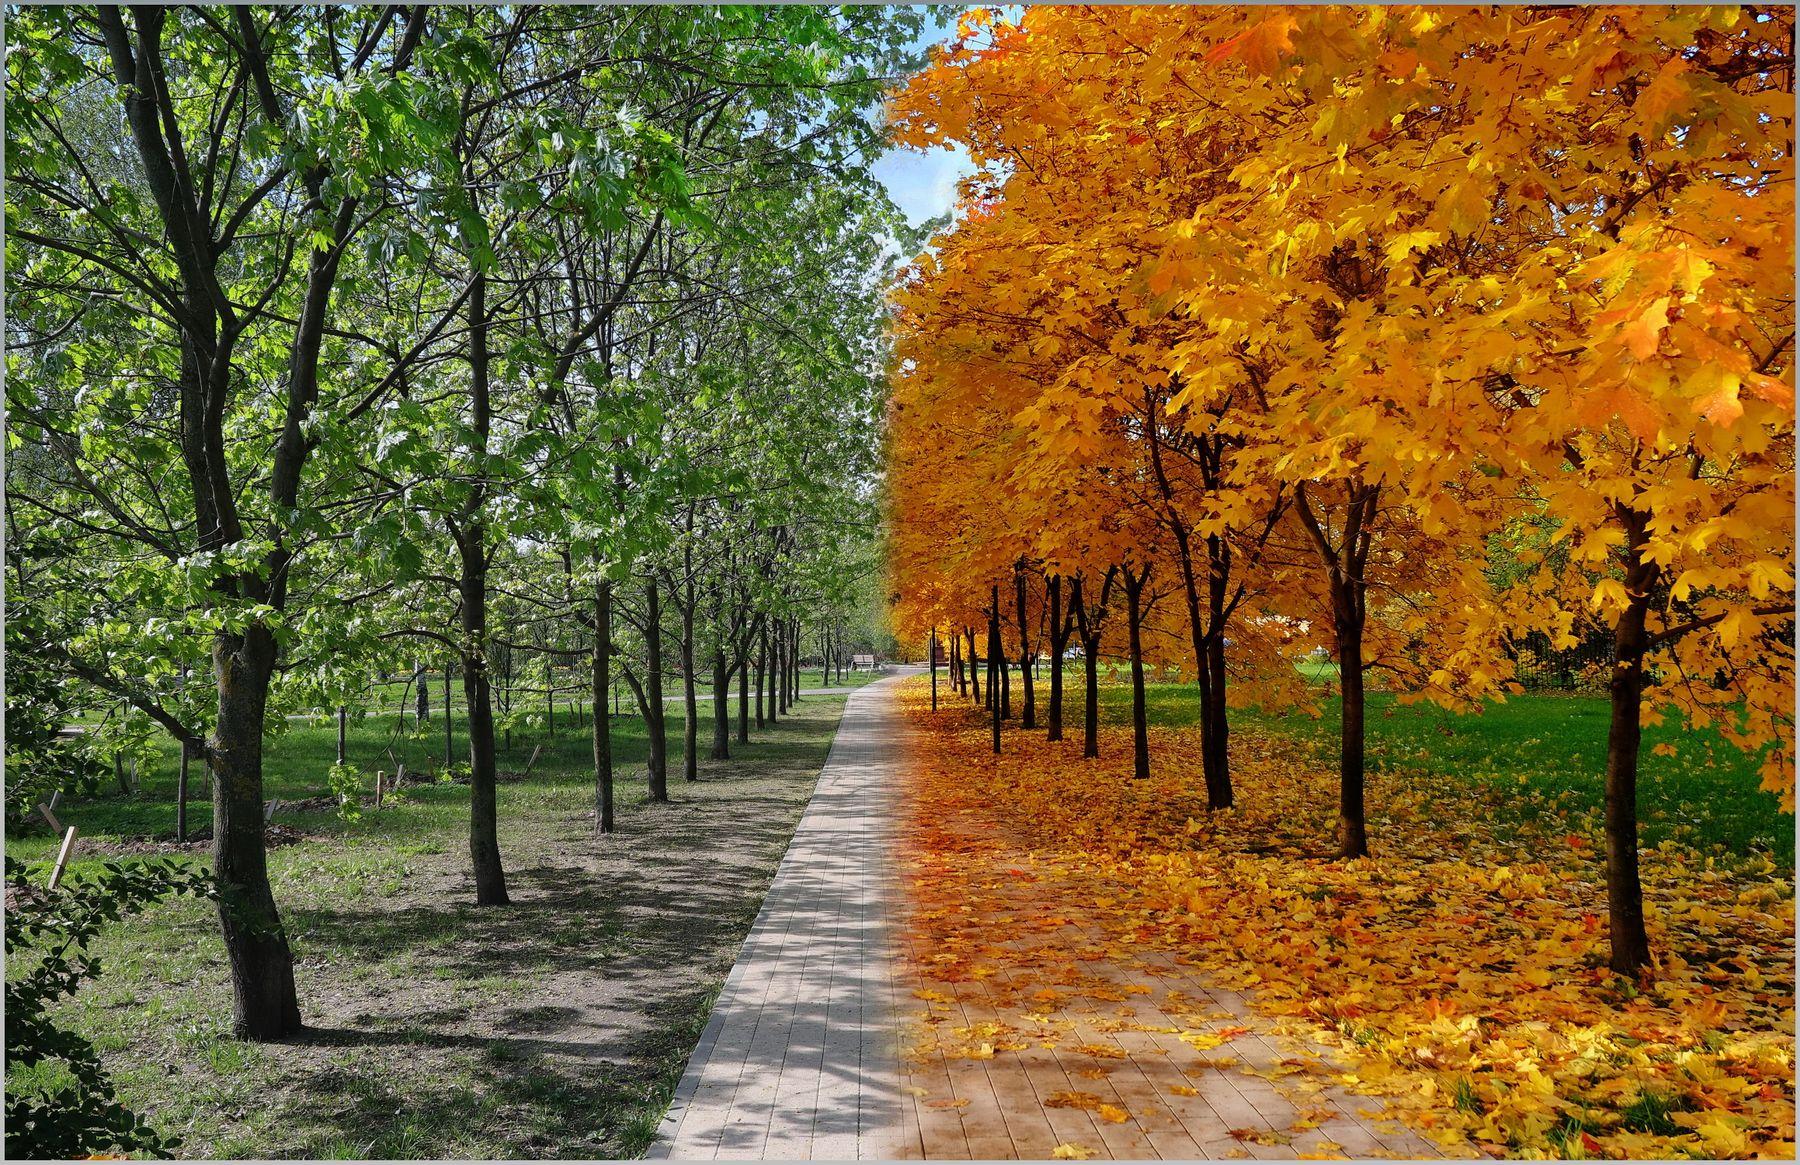 весна и осень весна осень времена года монтаж компьютерная графика